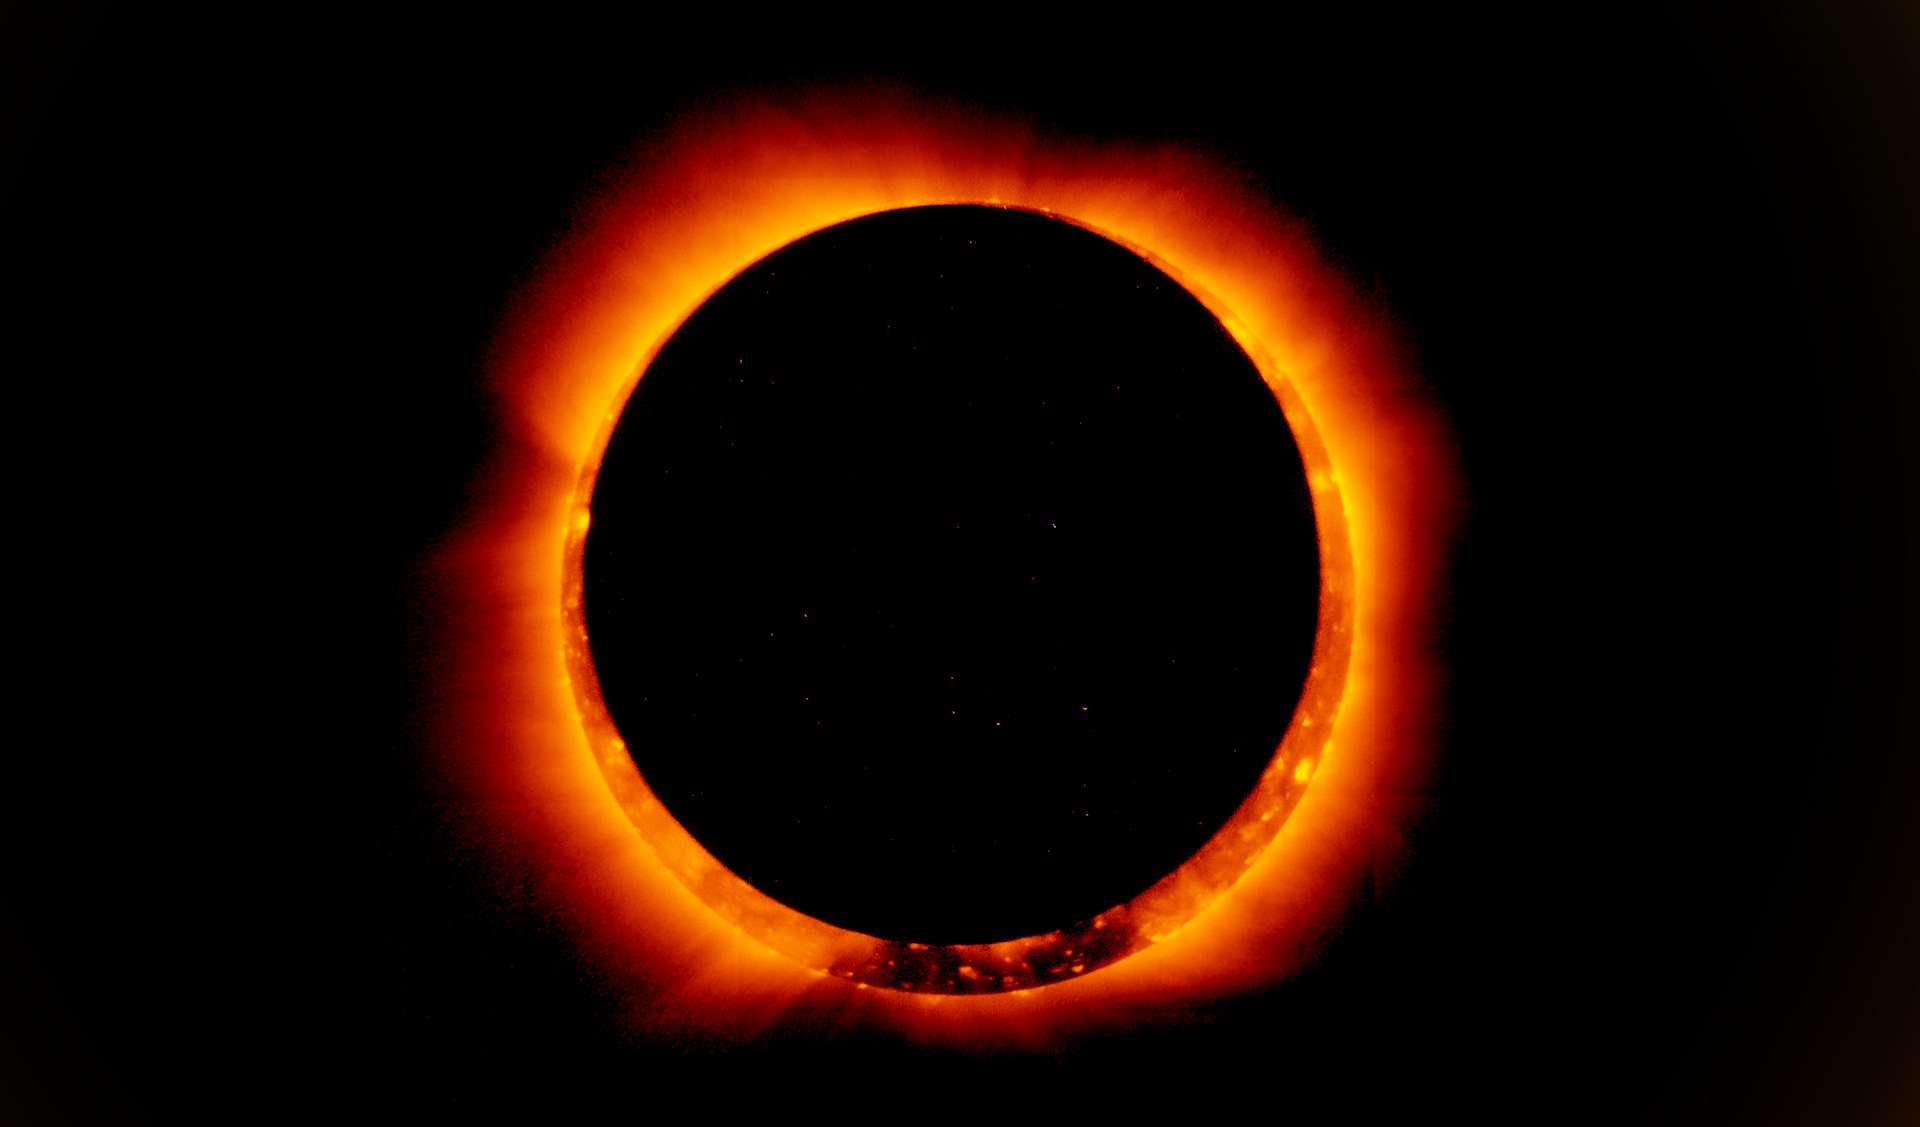 L'éclipse solaire annulaire du 21 juin 2020 : de spectaculaires images. © Doordarshan National, Twitter